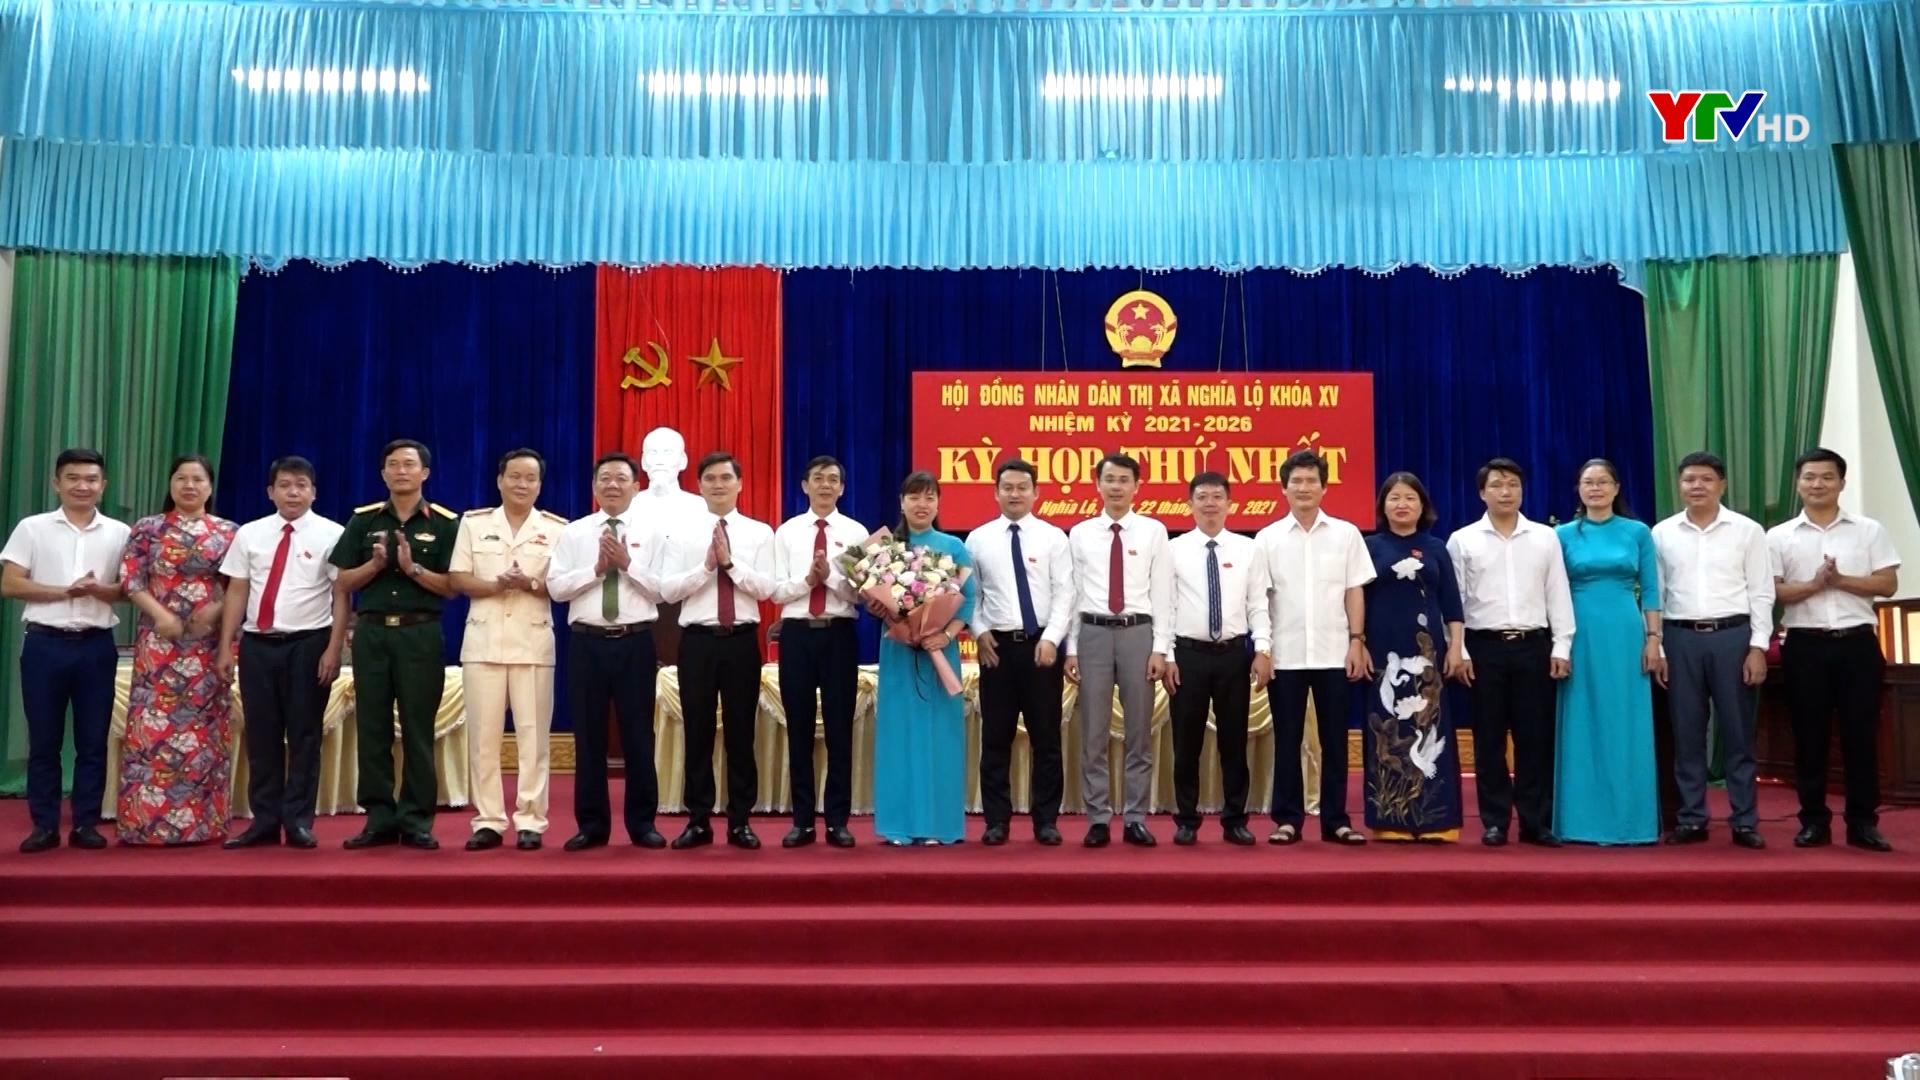 HĐND thị xã Nghĩa Lộ và huyện Trấn Yên, nhiệm kỳ 2021 - 2026 tổ chức kỳ họp thứ nhất